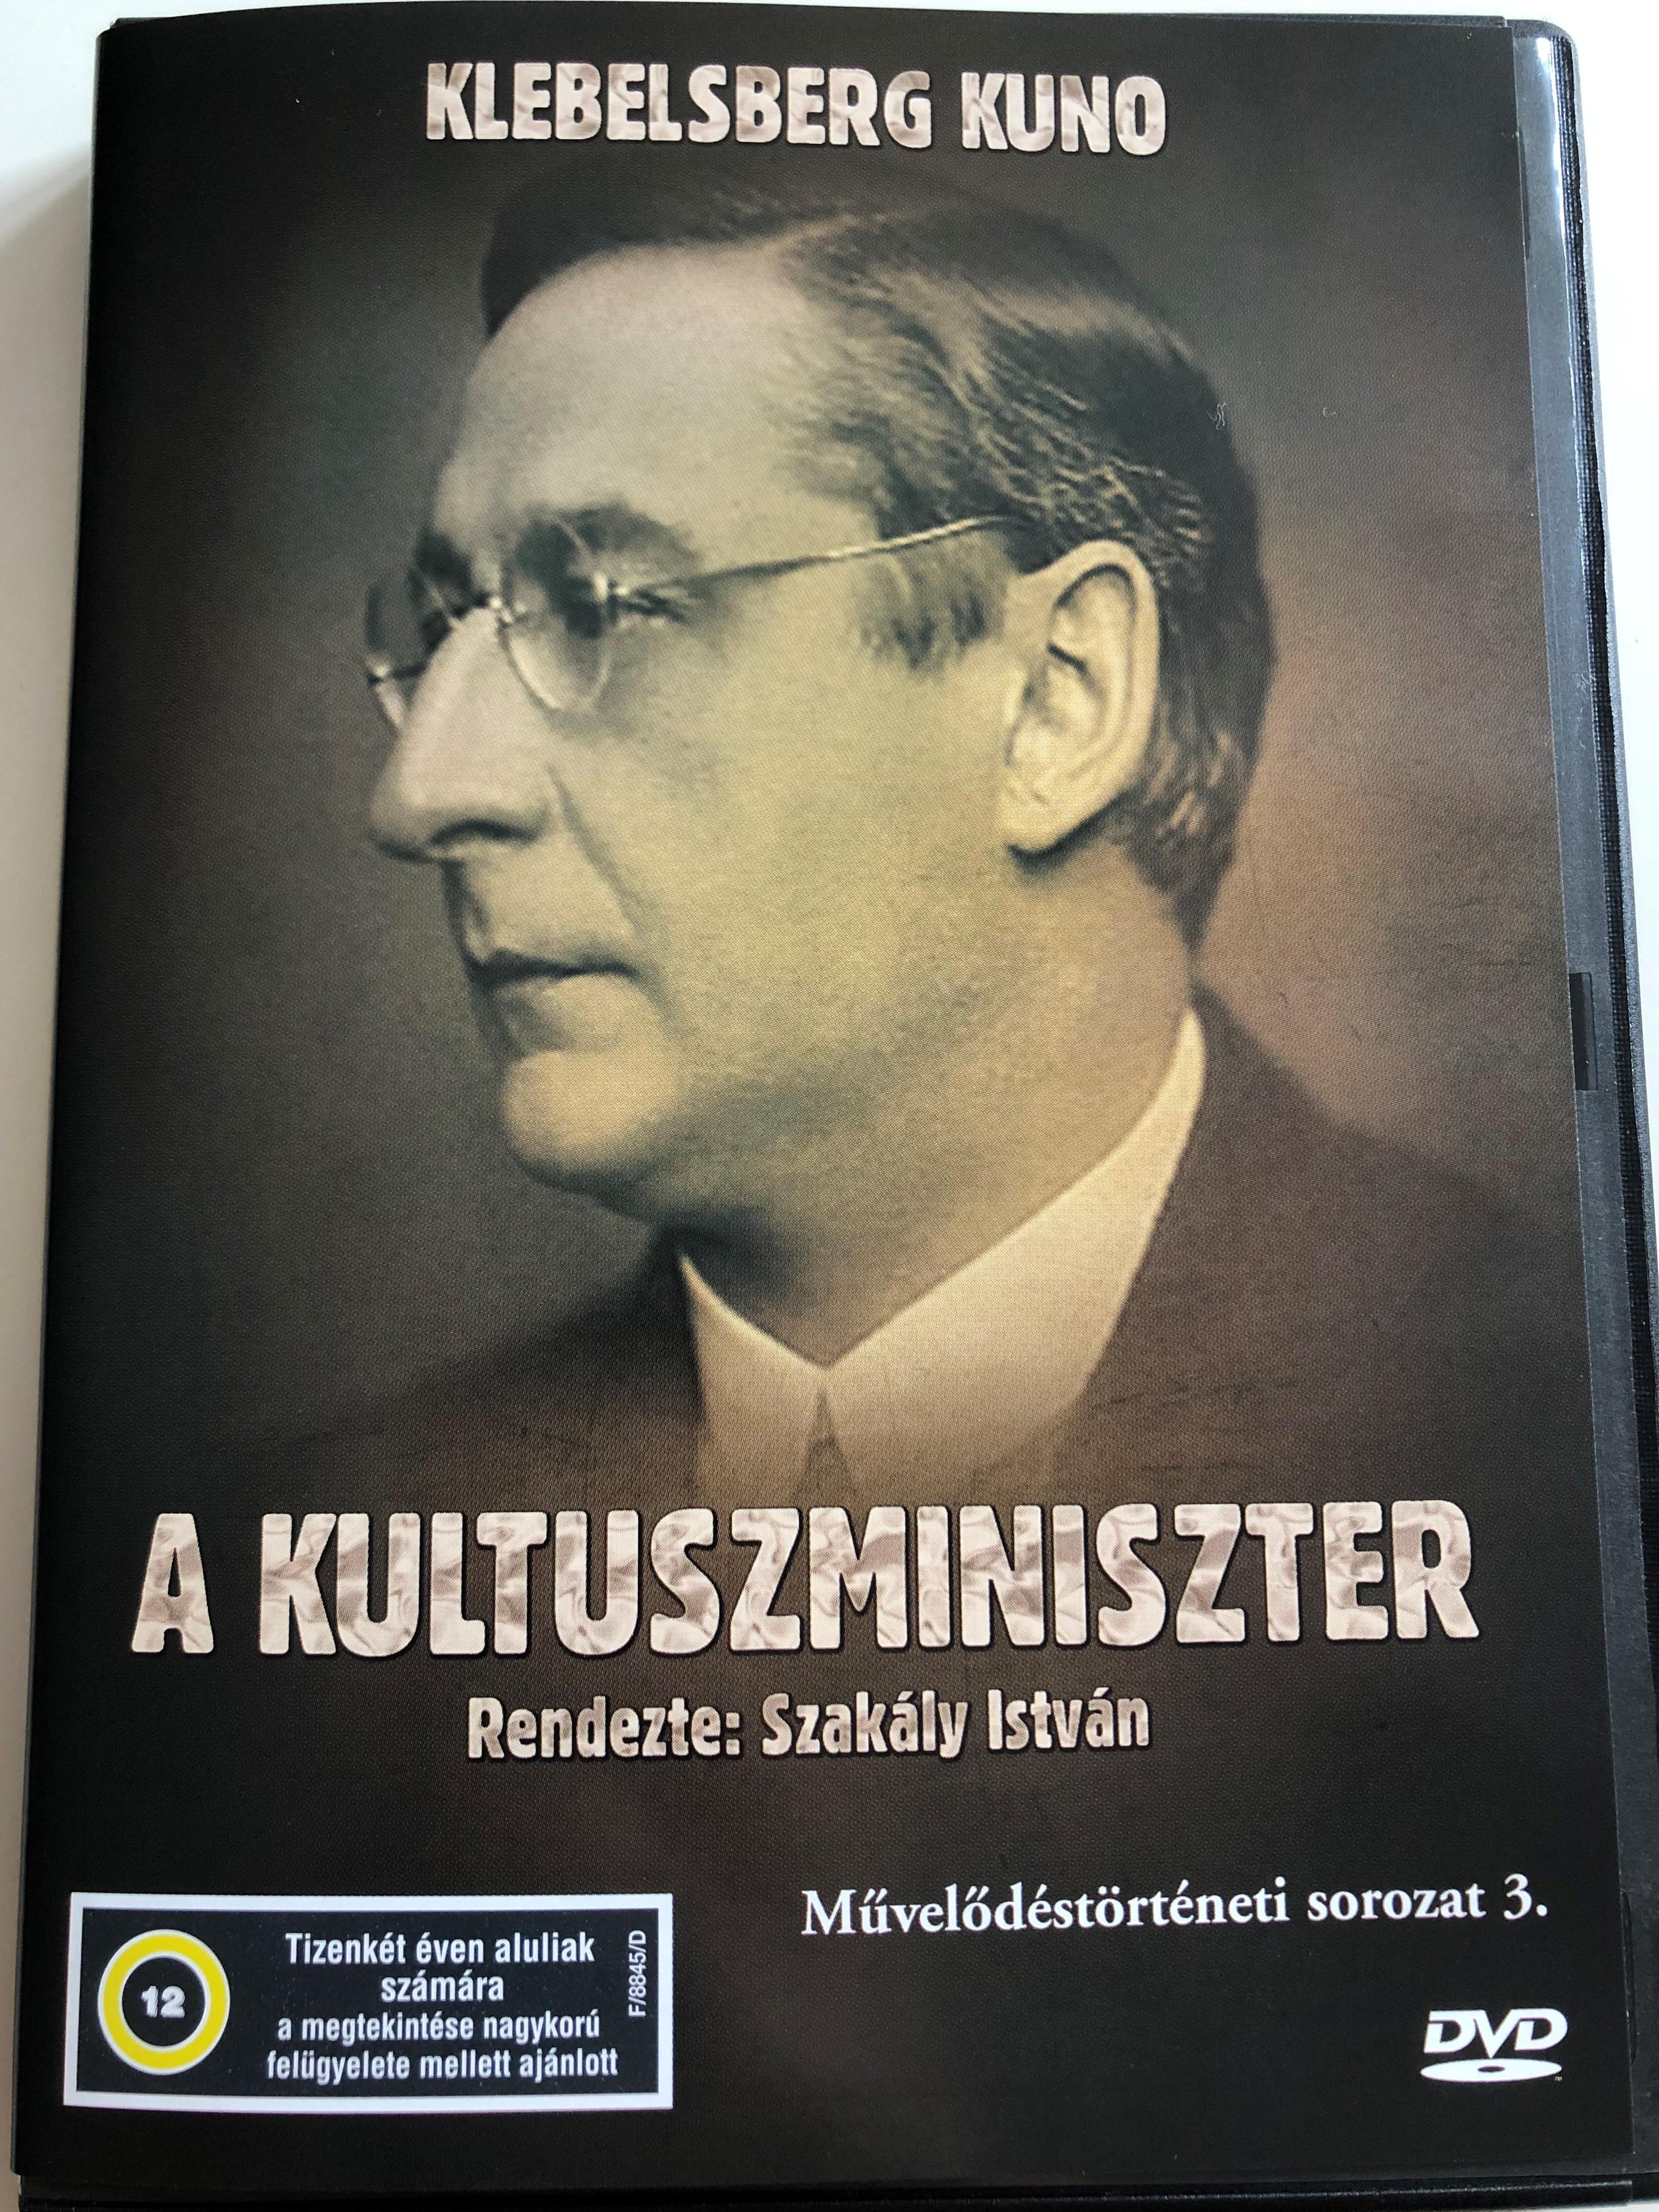 klebelsberg-kuno-a-kultuszminiszter-dvd-2003-kuno-von-klebelsberg-the-minister-of-culture-directed-by-szak-ly-istv-n-hungarian-documentary-1-.jpg